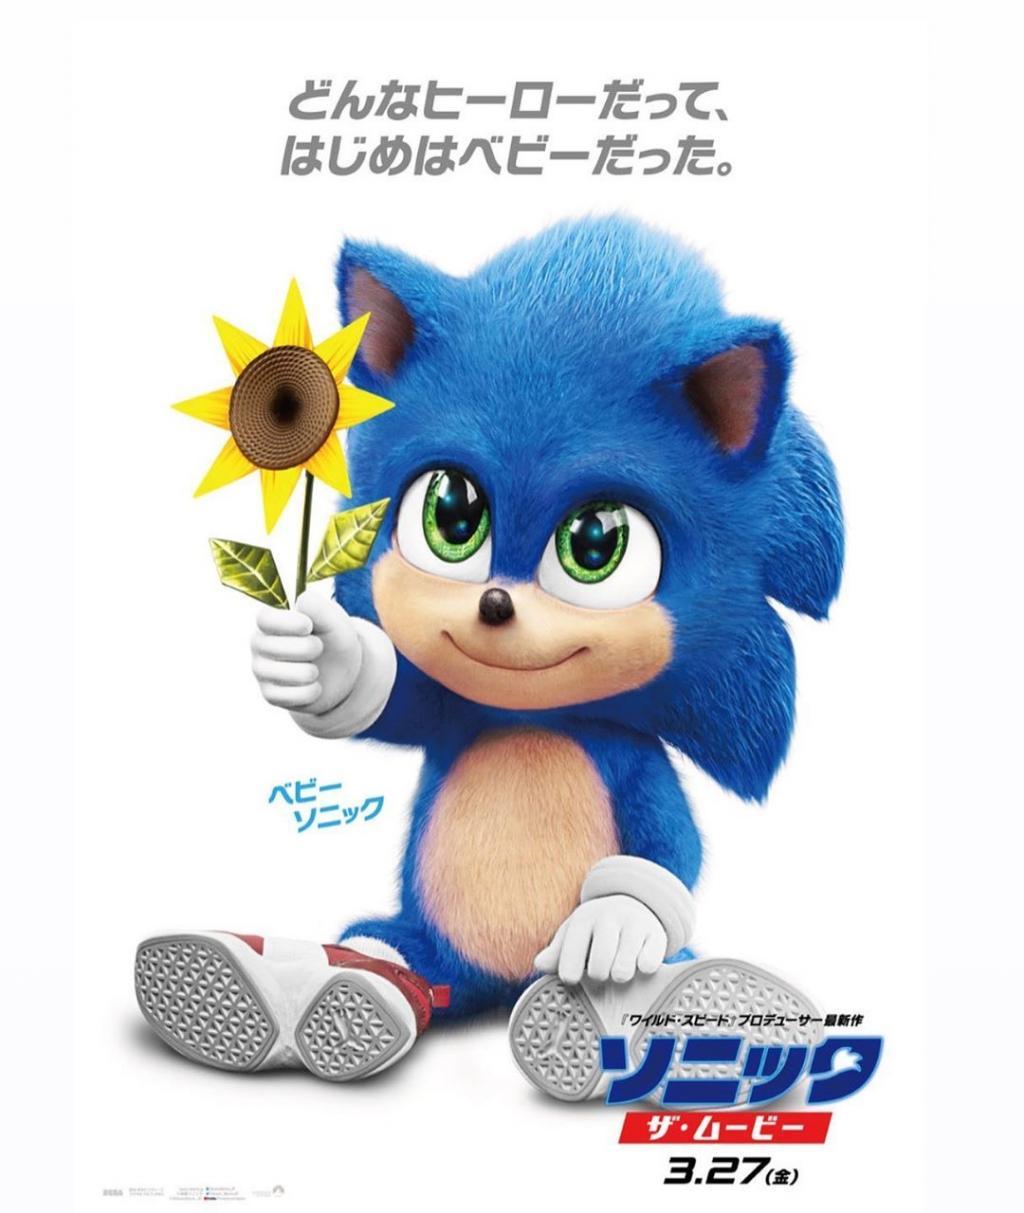 В японском трейлере «Соника» показали ежа-малыша. Интернет от него в восторге